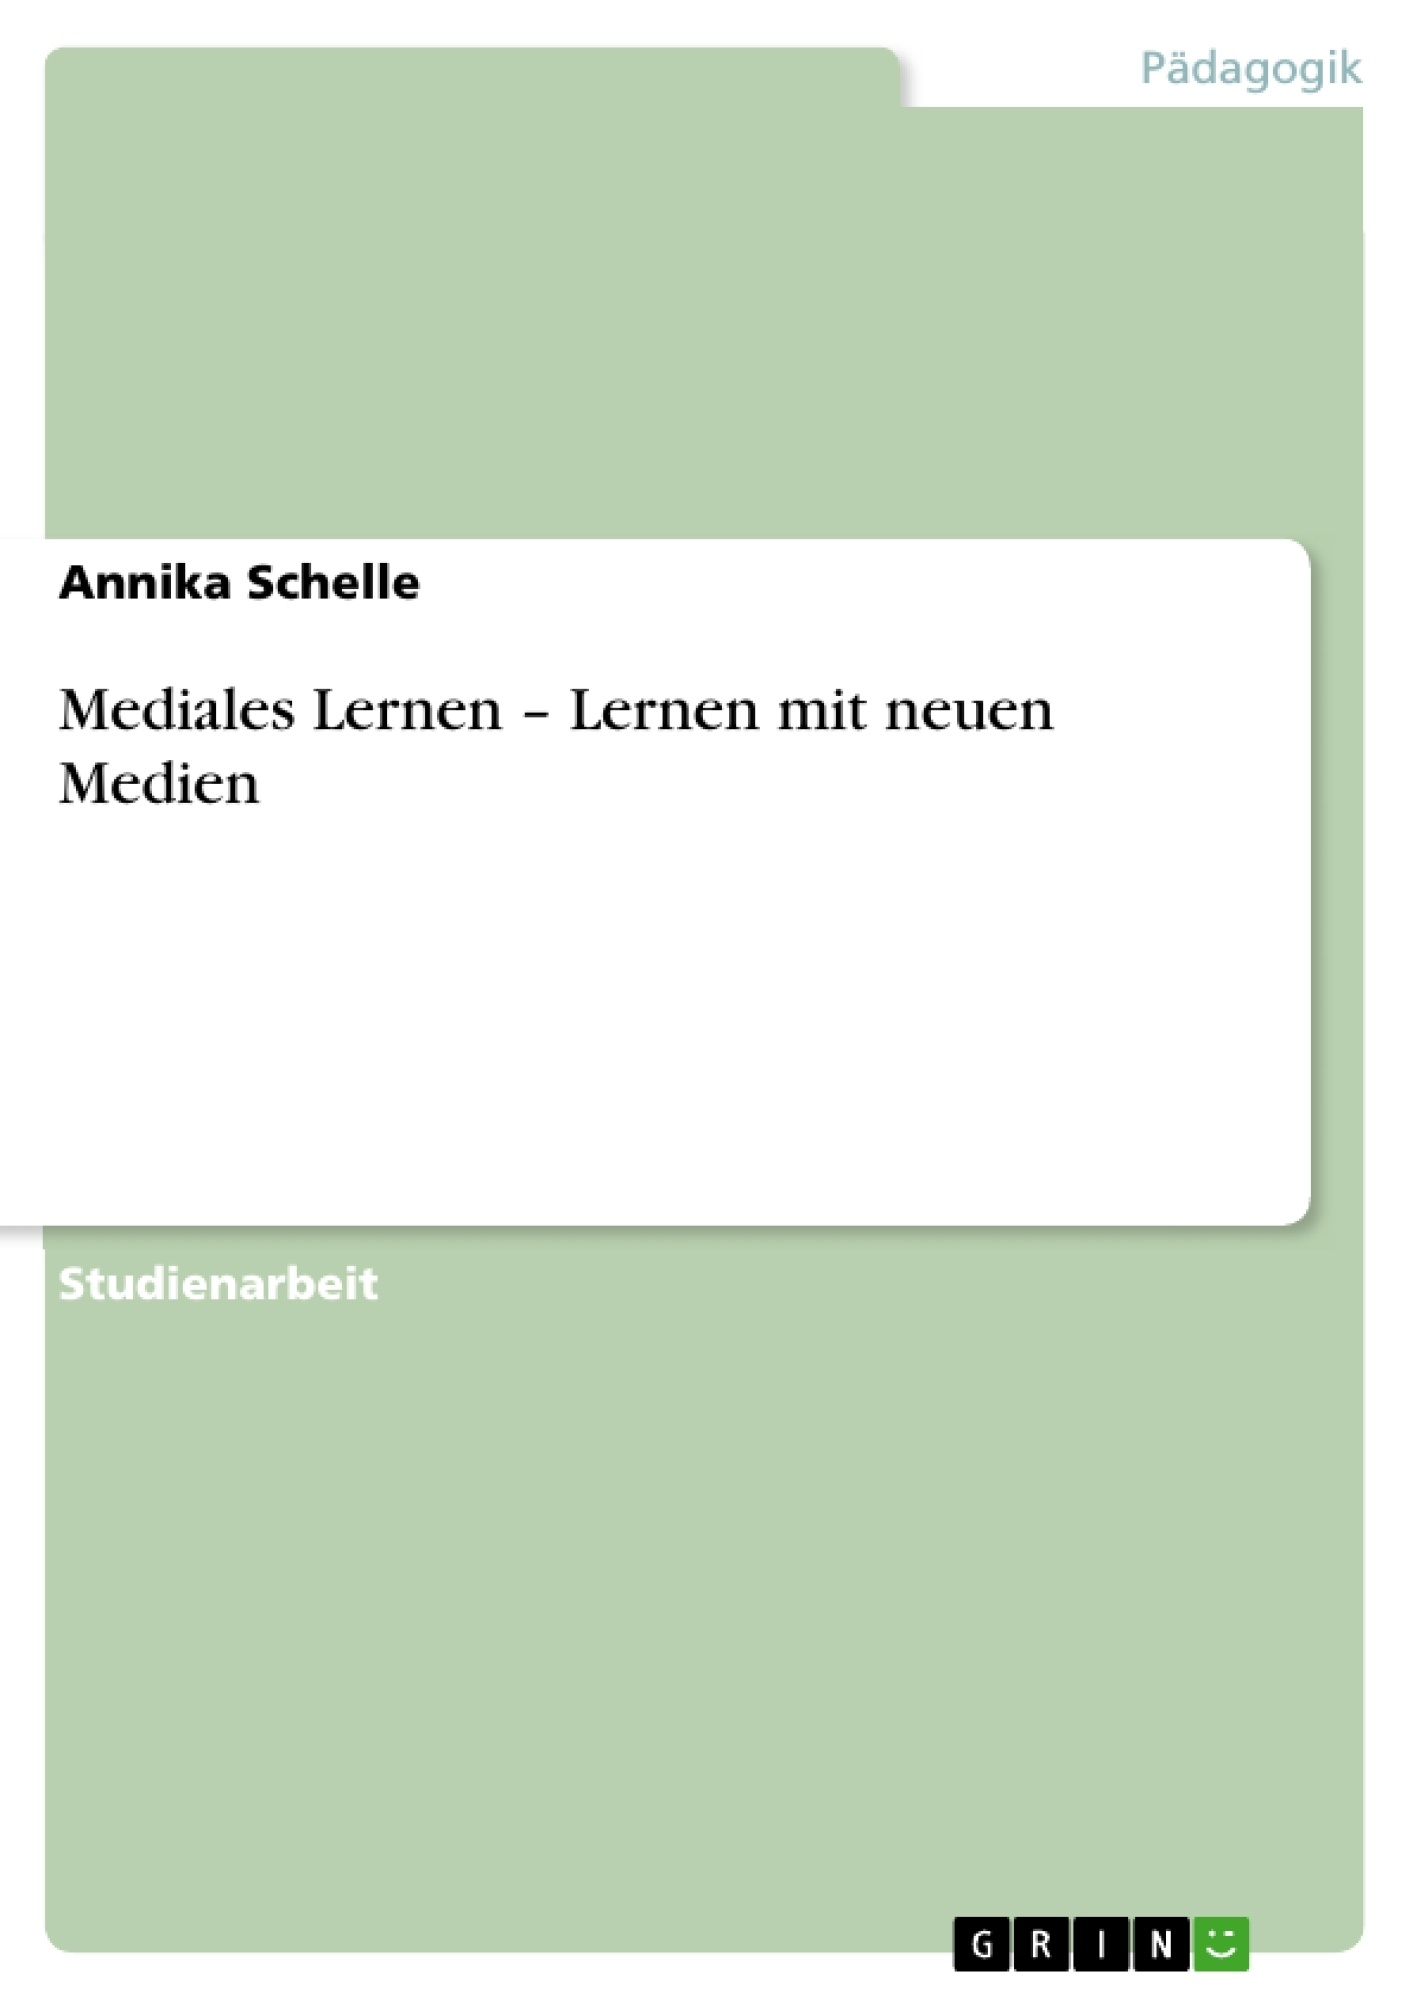 Titel: Mediales Lernen – Lernen mit neuen Medien